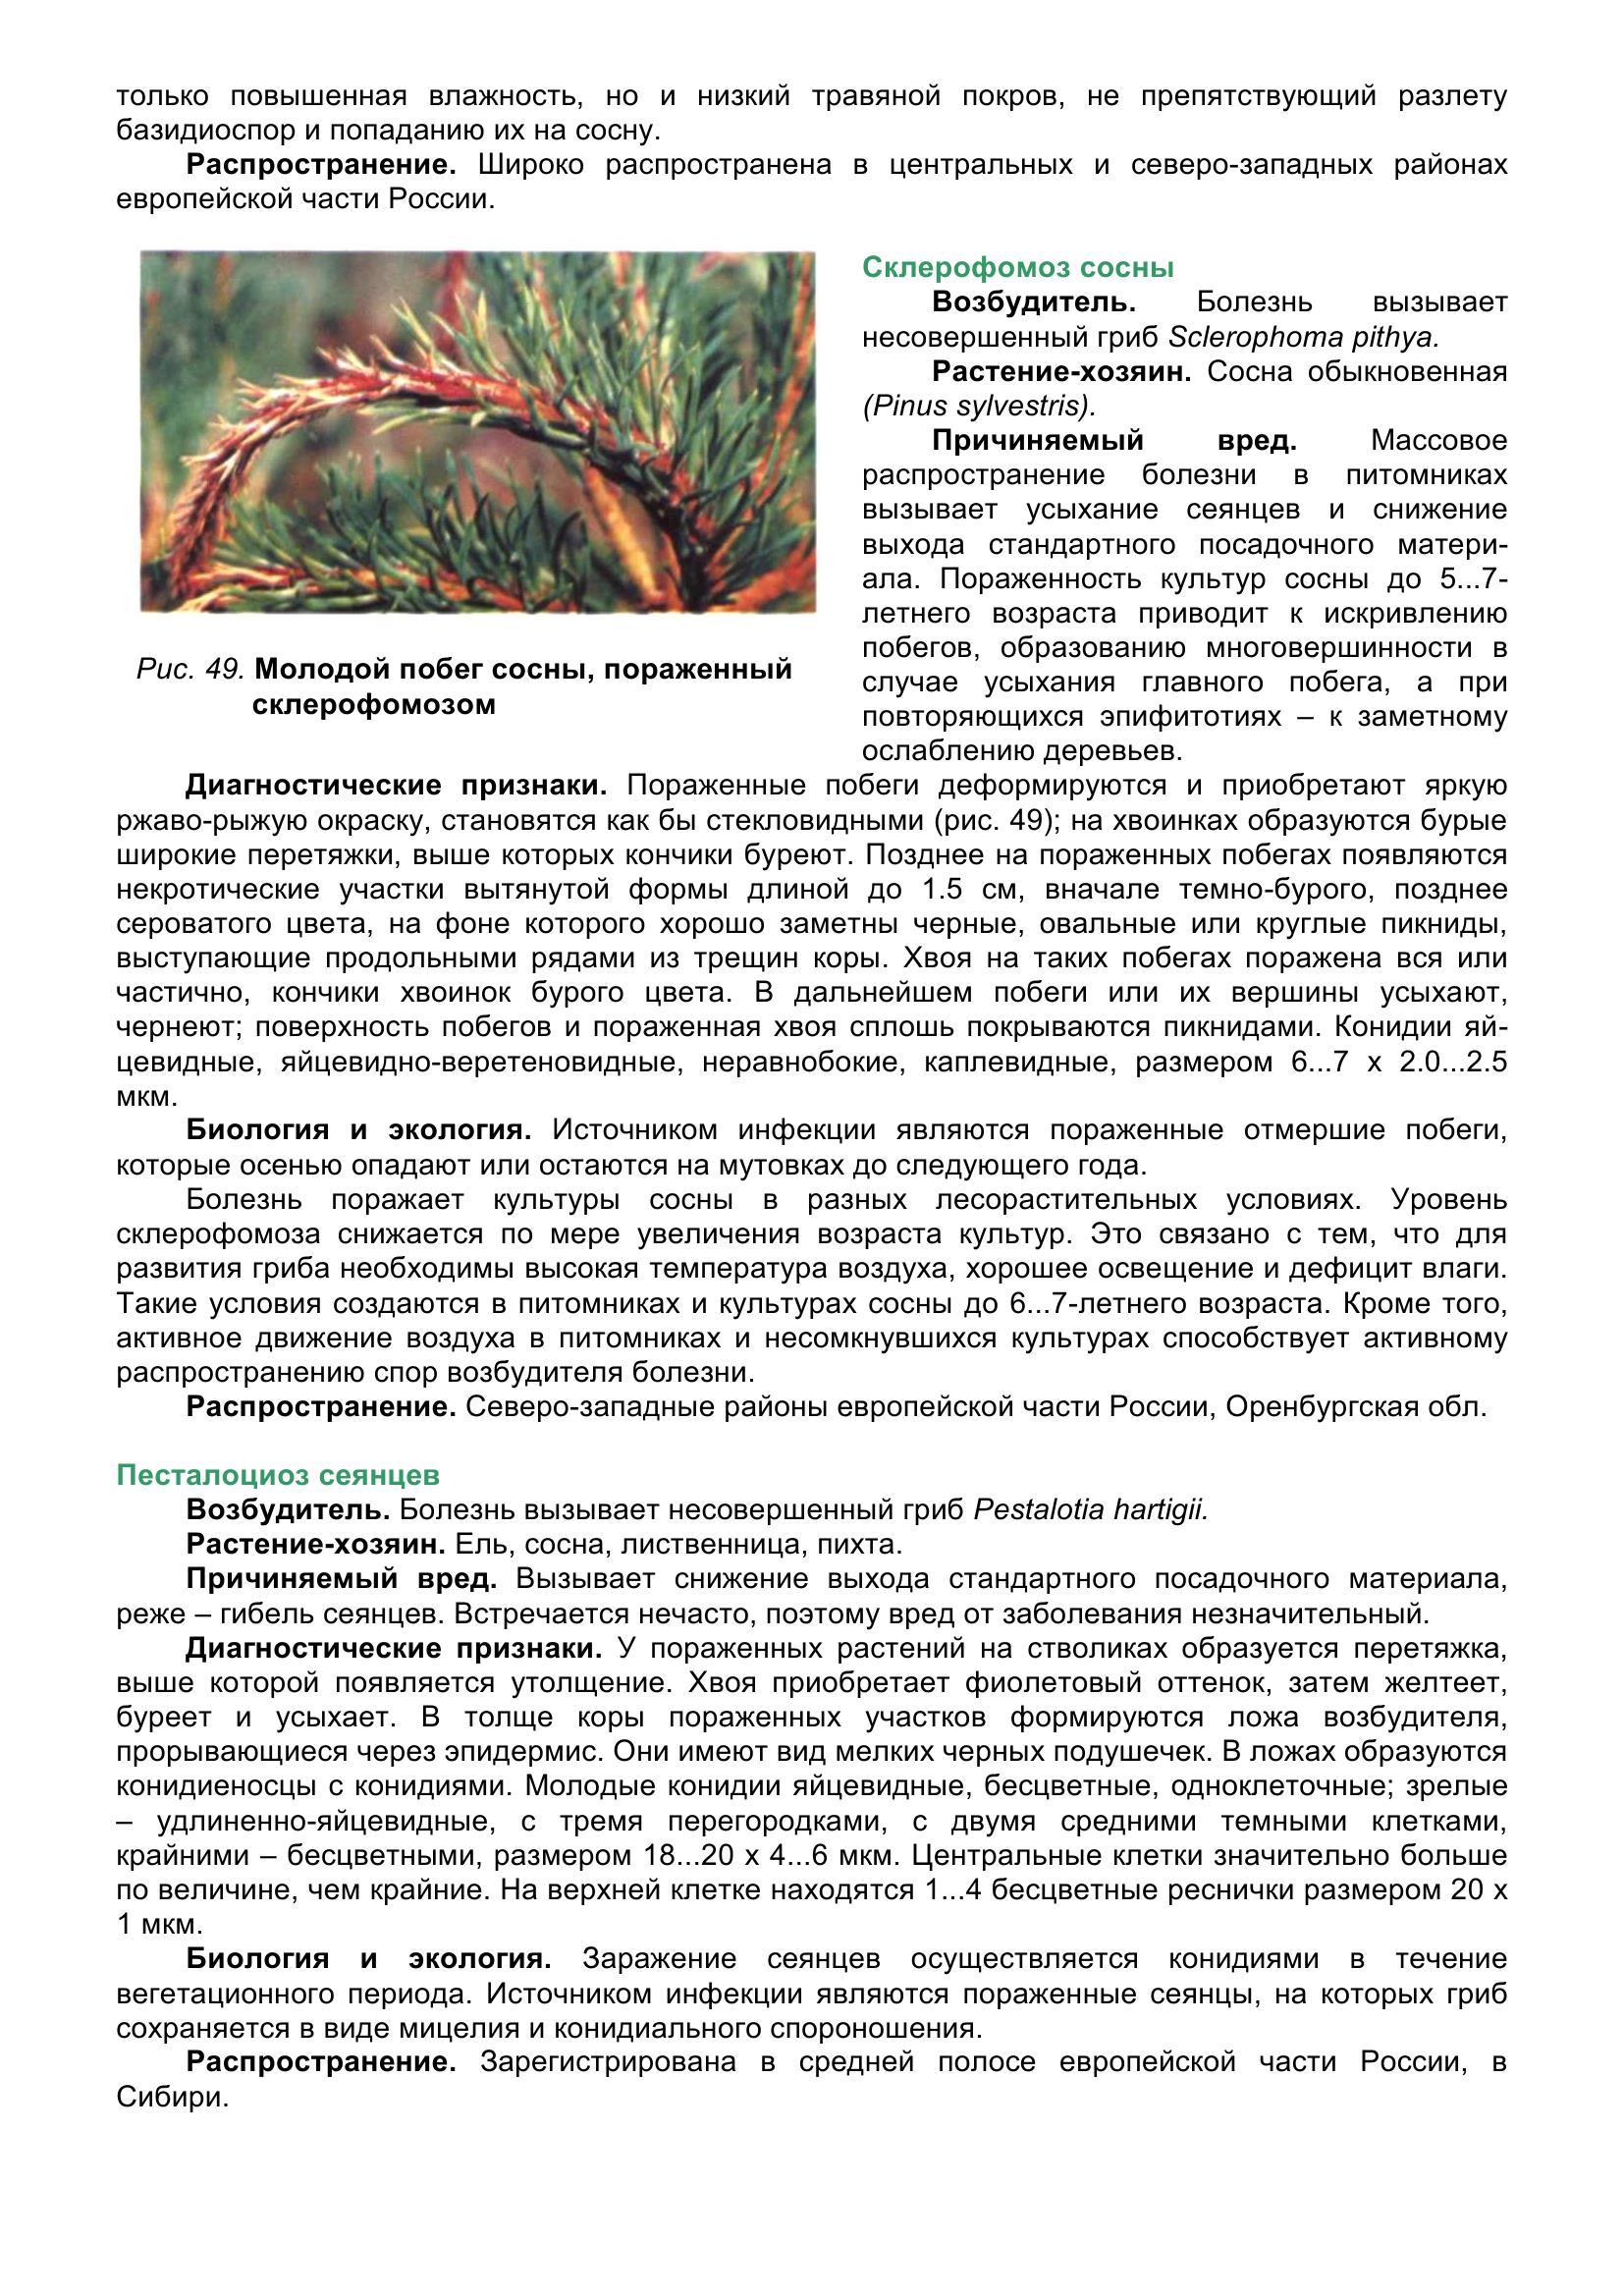 Болезни_древесных_растений_061.jpg